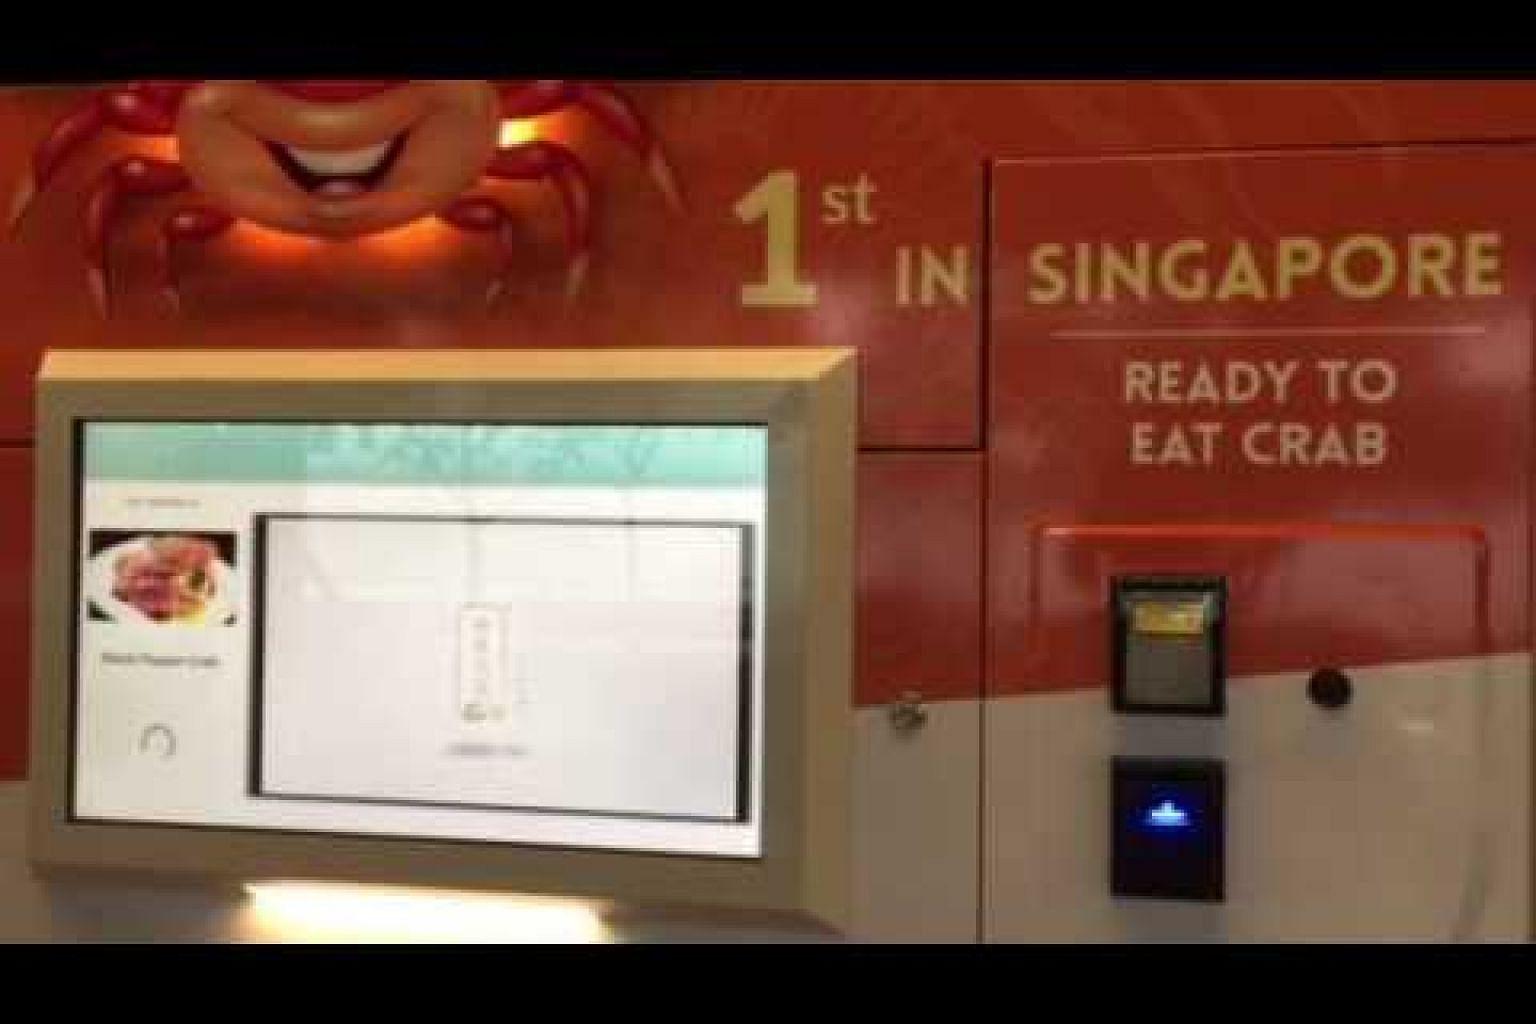 Vending machine dispenses chilli crab 1/3